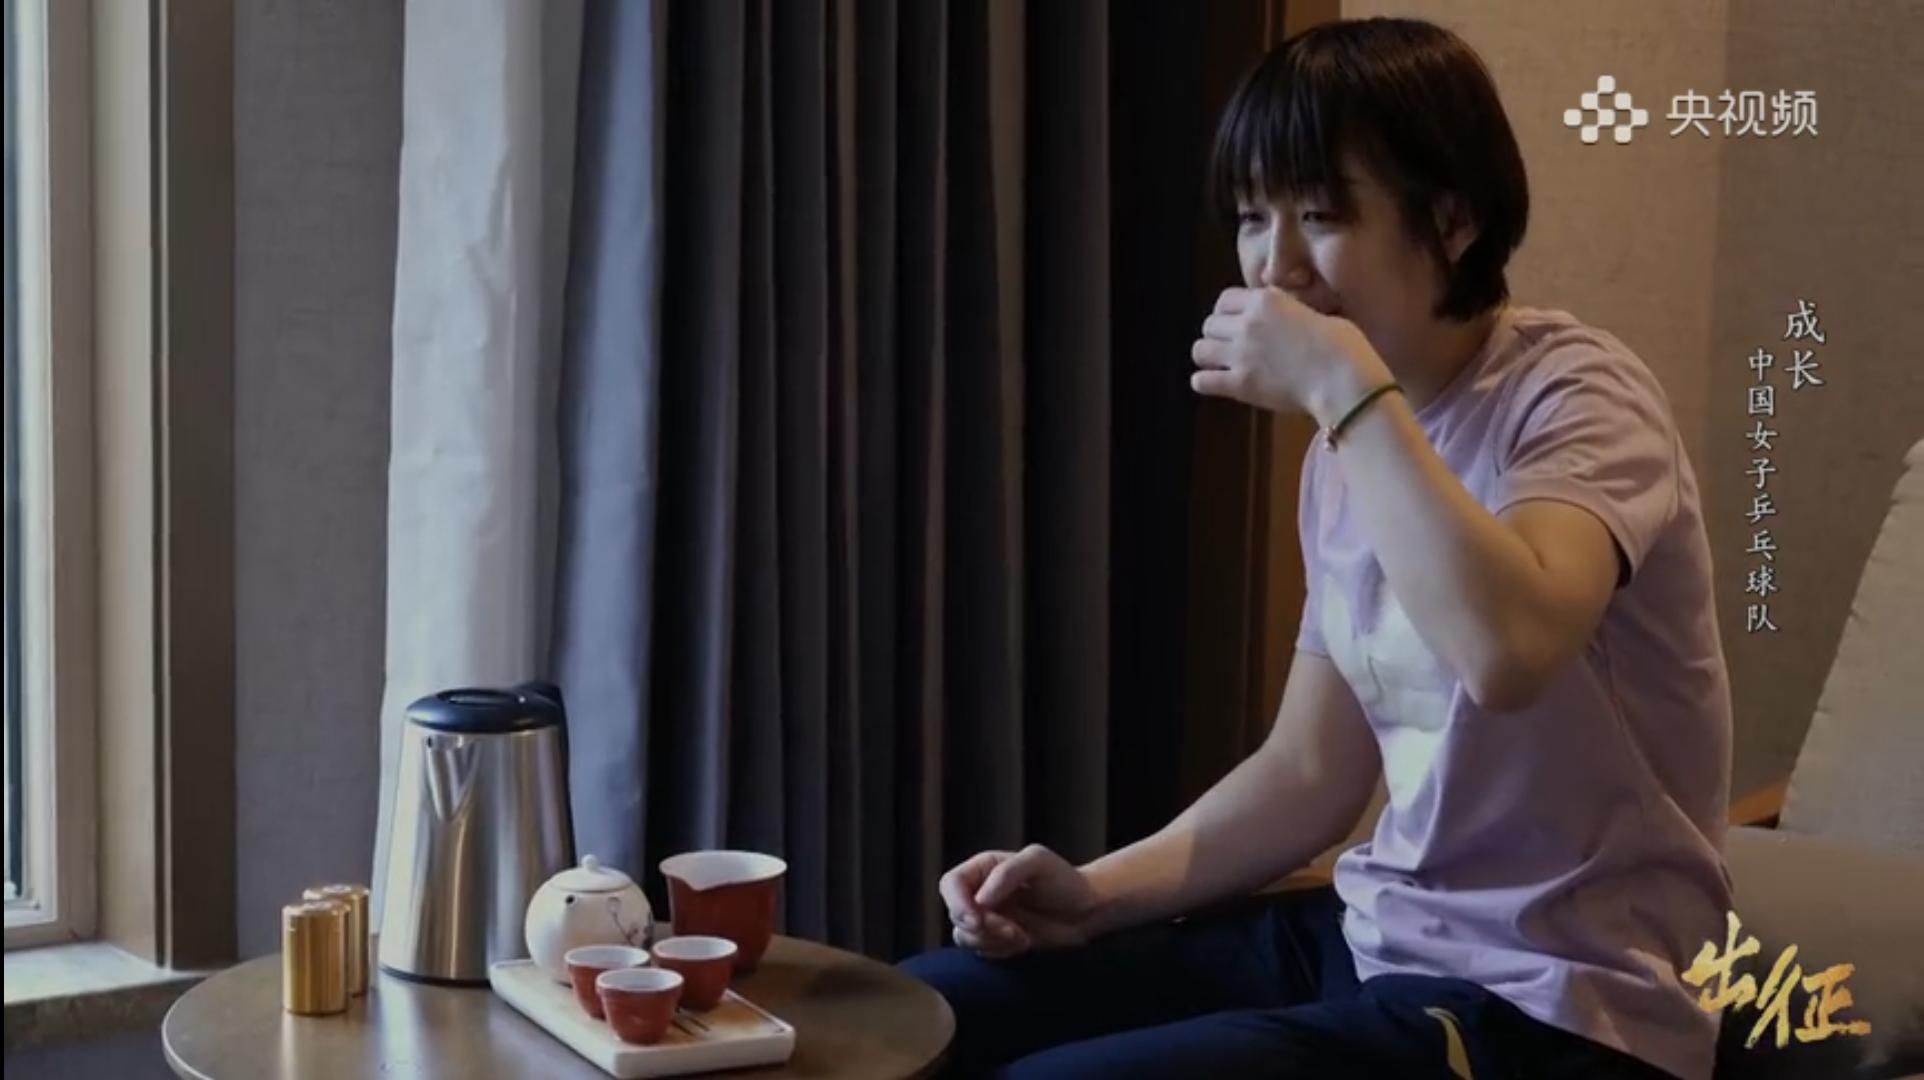 同样喜欢喝茶,陈梦都拿奥运金牌了,而我只能看她拿金牌